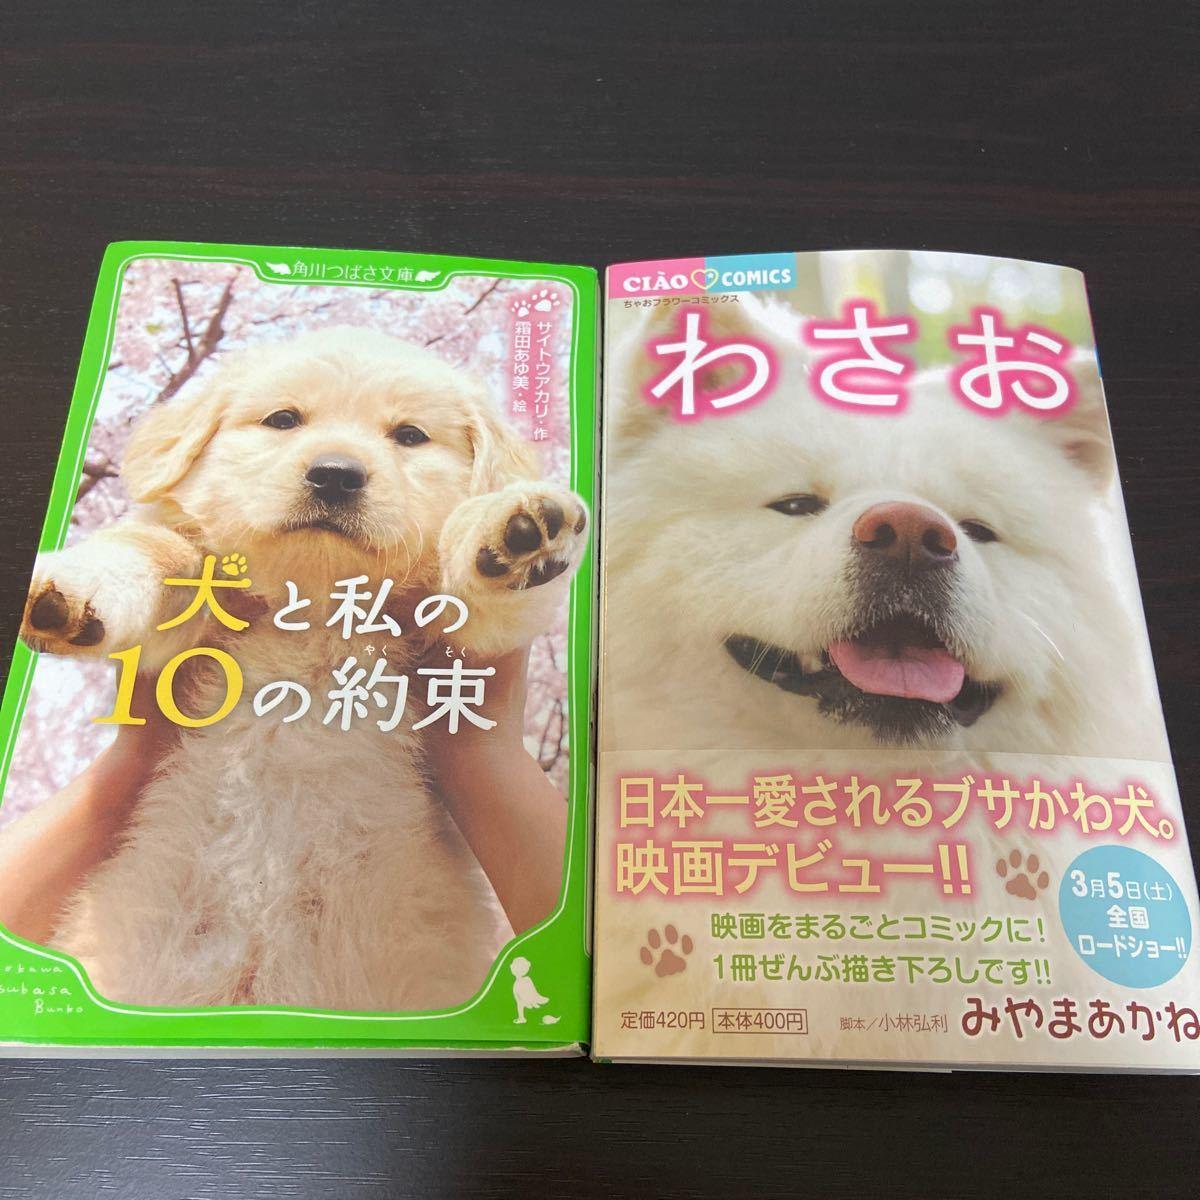 コミック『わさお』と文庫本『犬と私の10の約束』